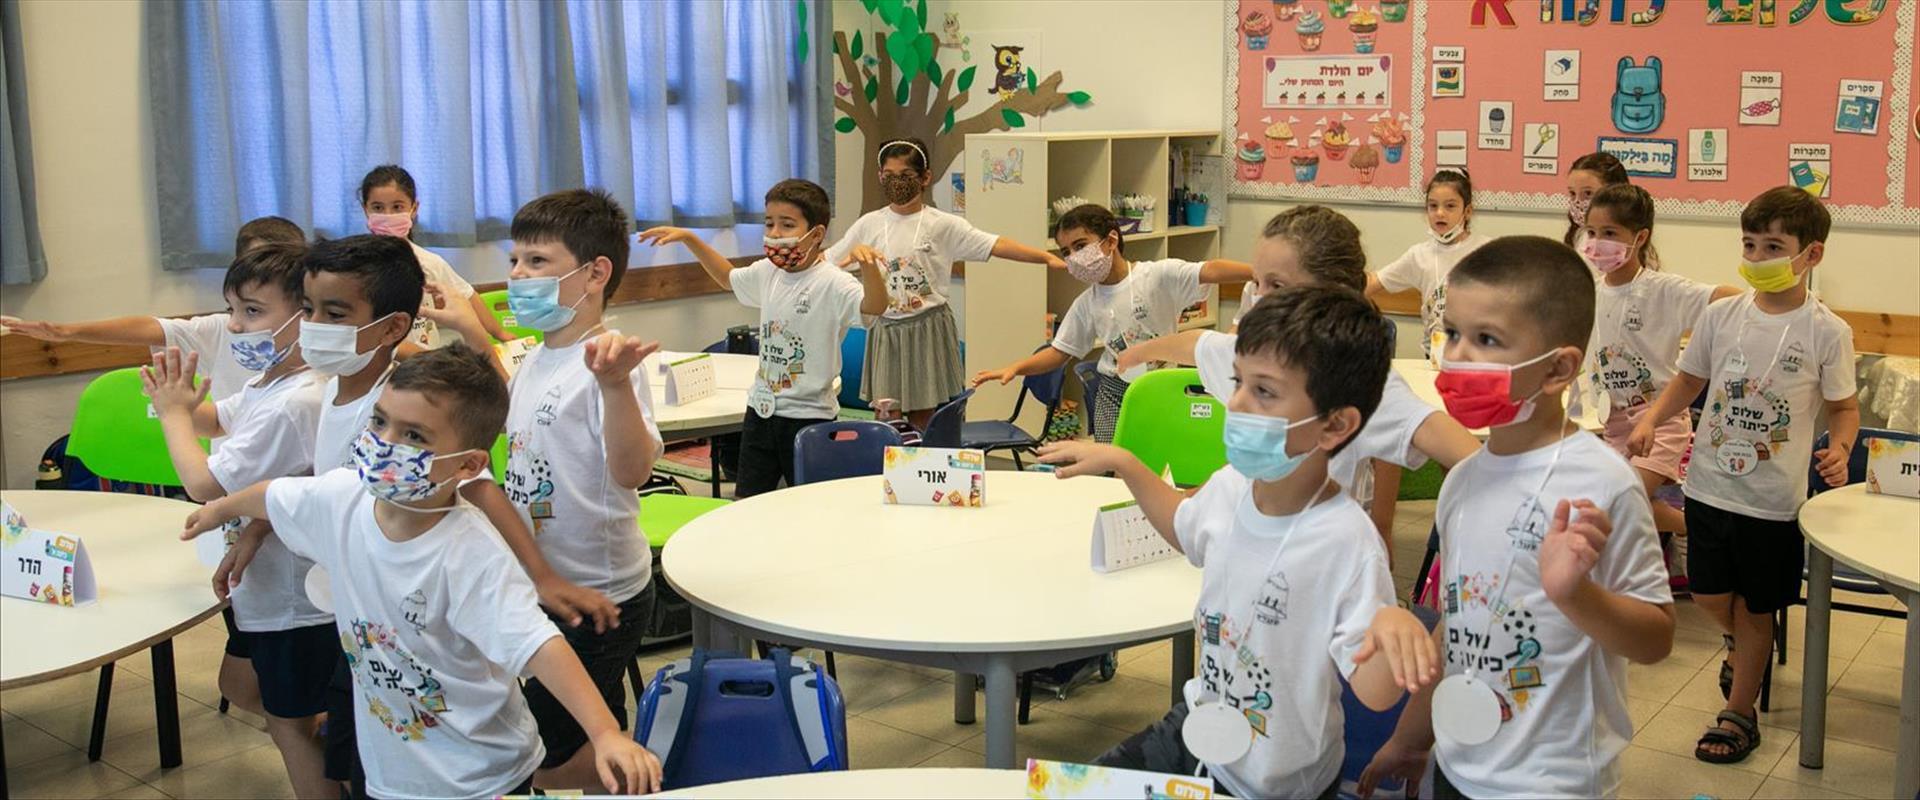 ילדים בבית ספר ענבלים במודיעין